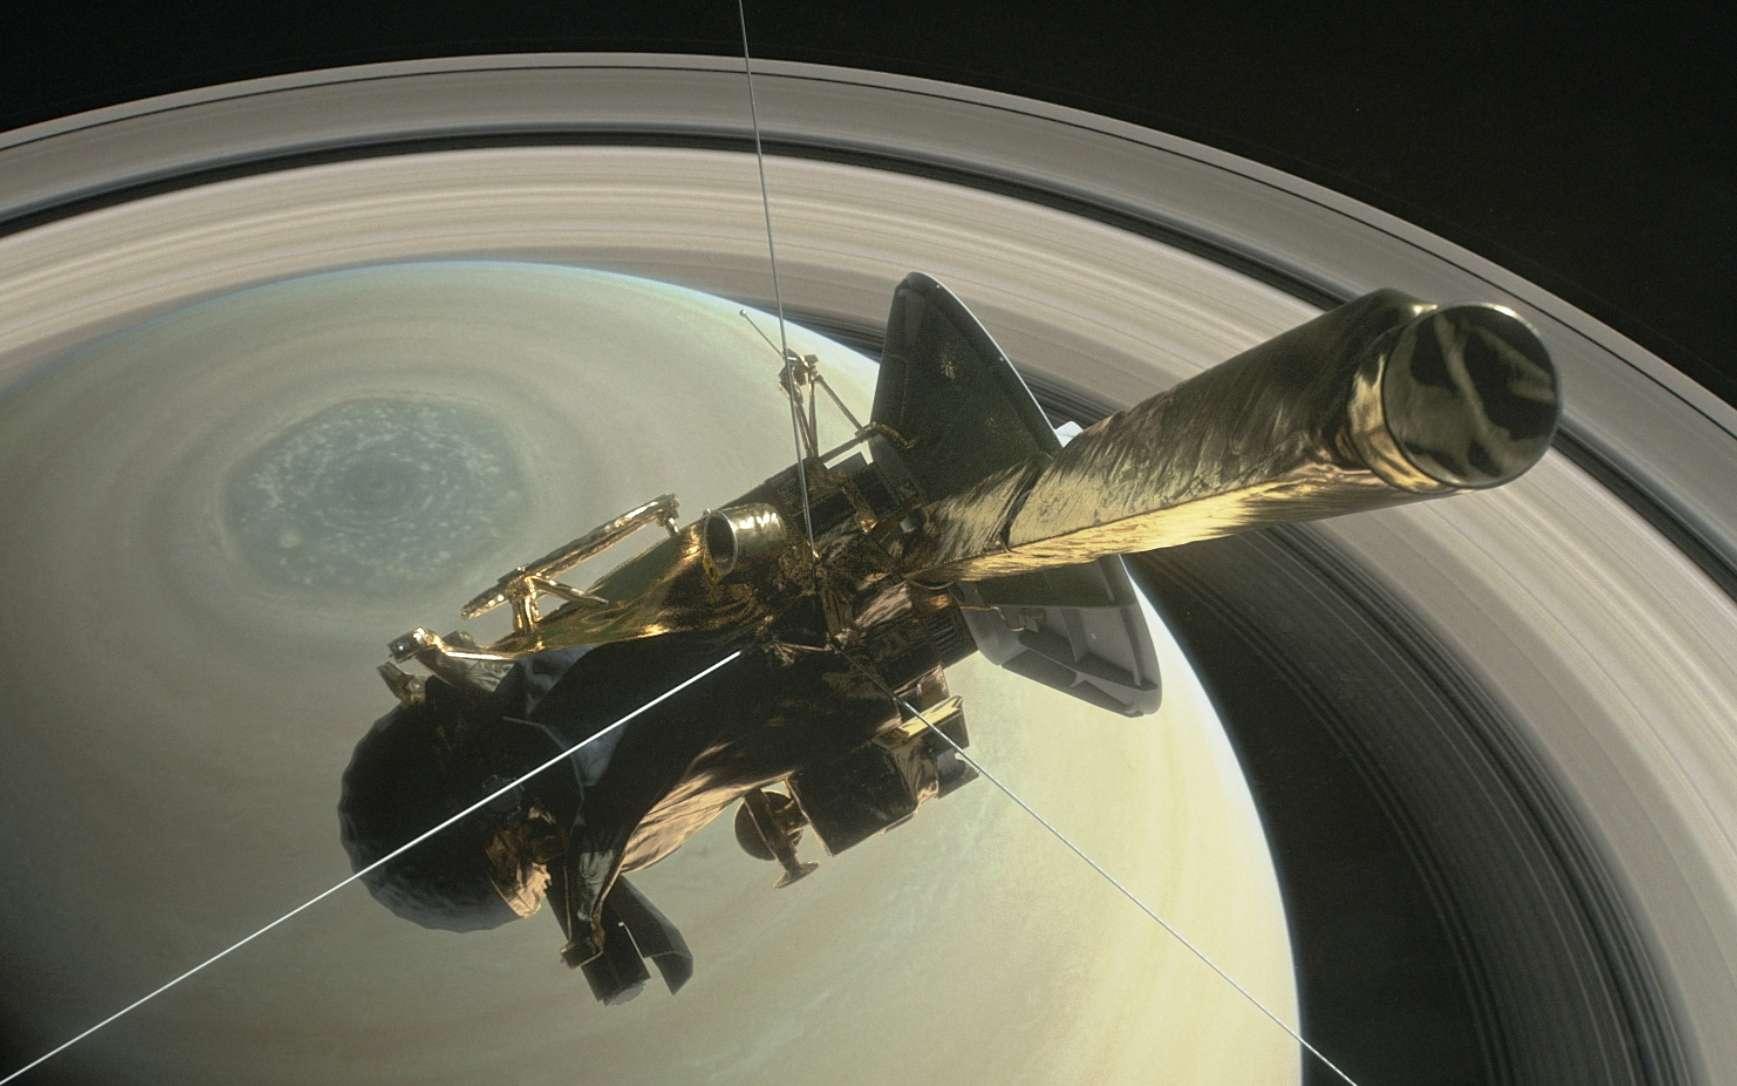 Pourquoi le champ magnétique de Saturne est-il si étrange ? Ici, une vue d'artiste de la mission Cassini avant son plongeon final dans Saturne. © Nasa, JPL-Caltech